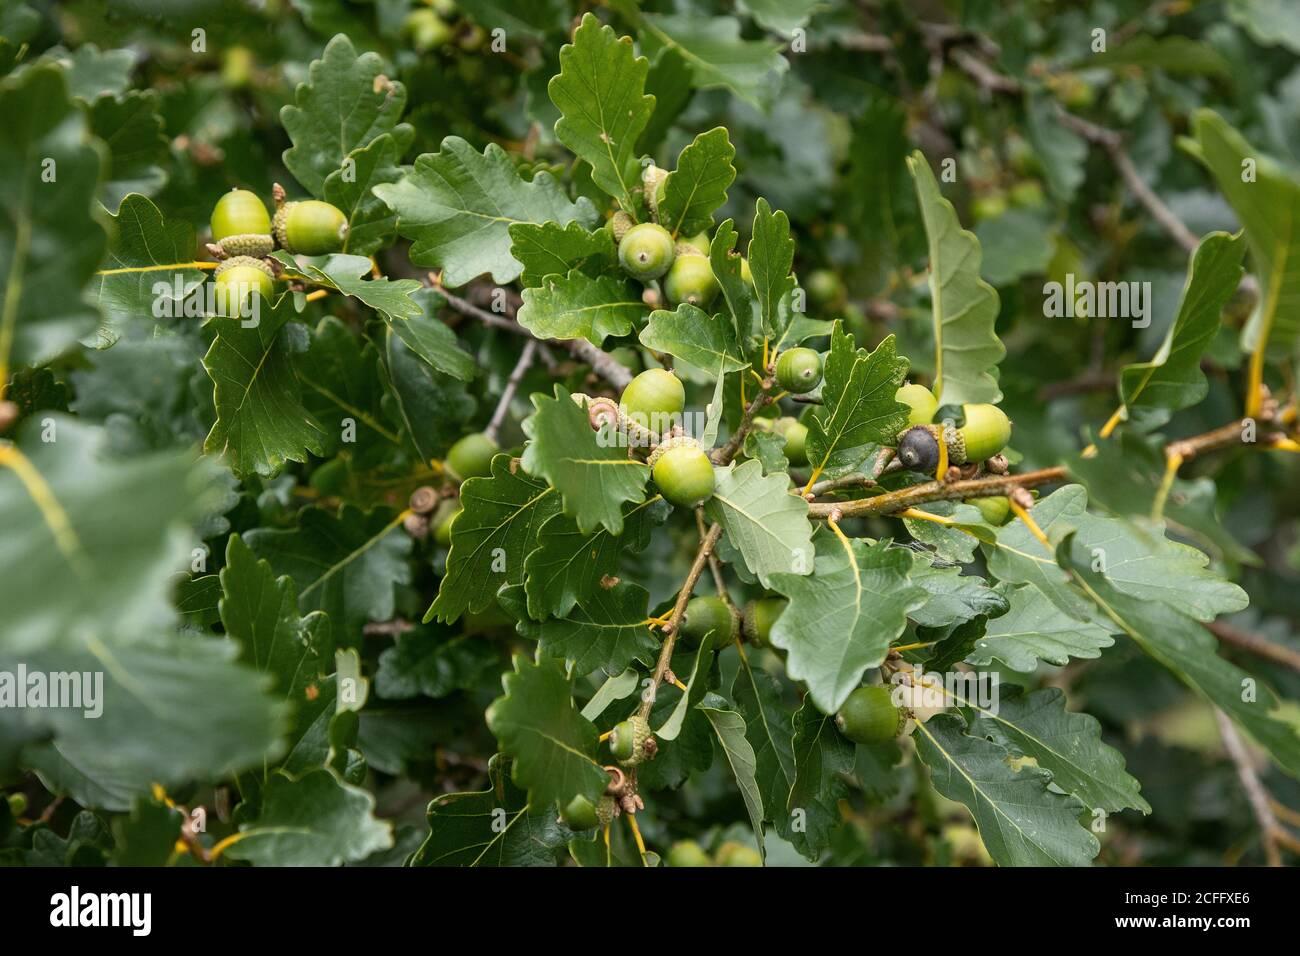 Jóvenes bellotas desarrollando un roble Inglés Quercus robur en El comienzo del otoño Foto de stock